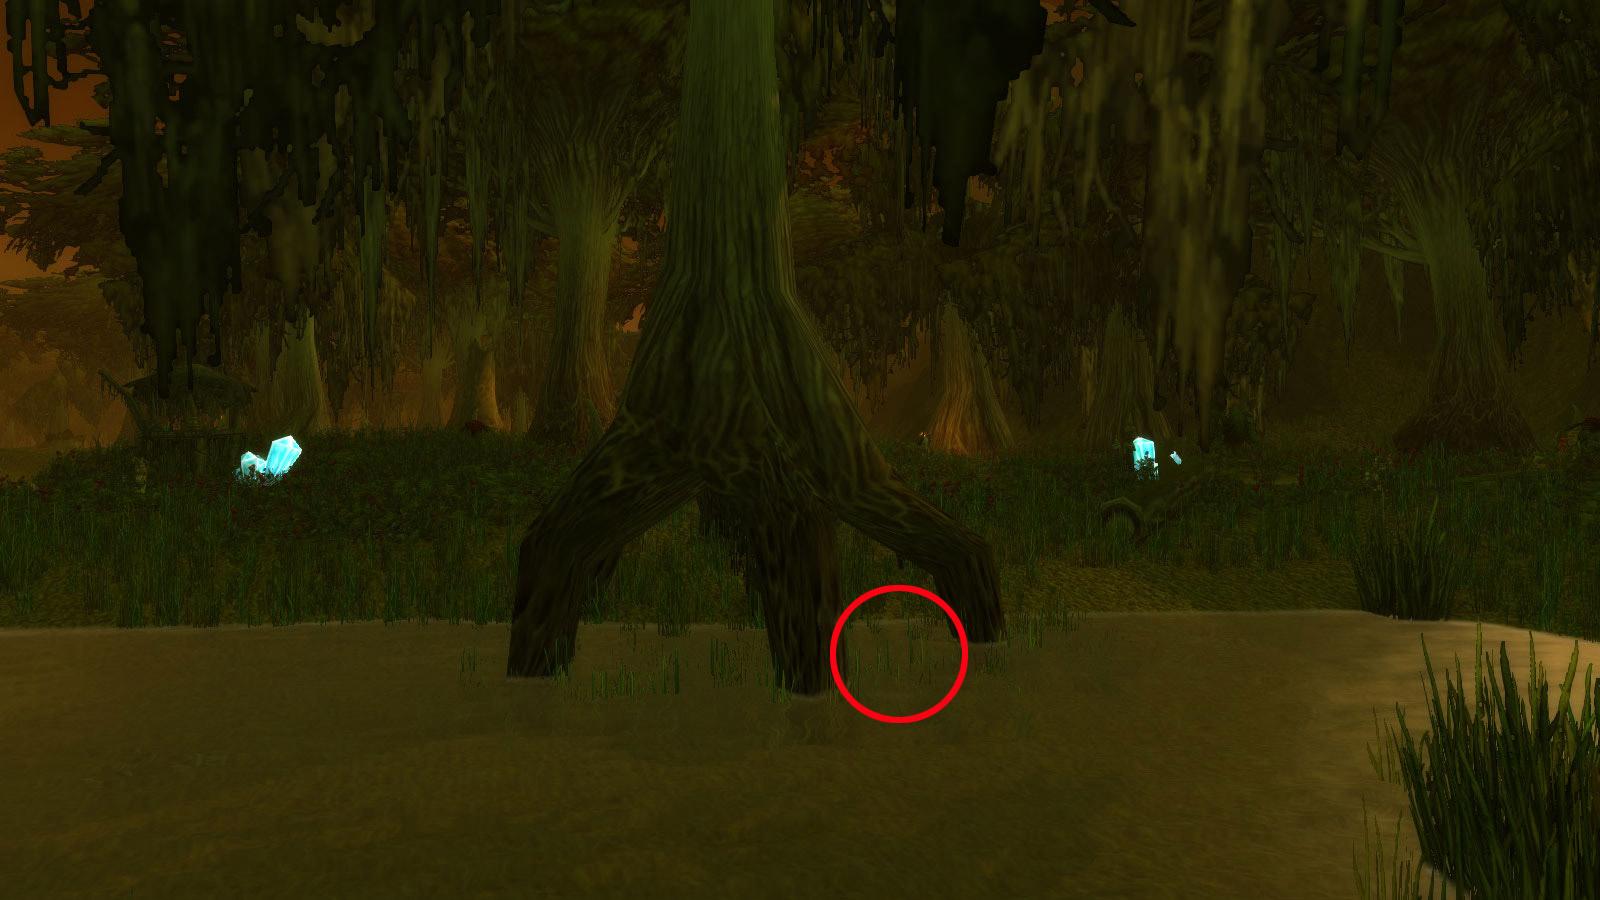 L'indice est dans l'eau sous la racine d'un arbre